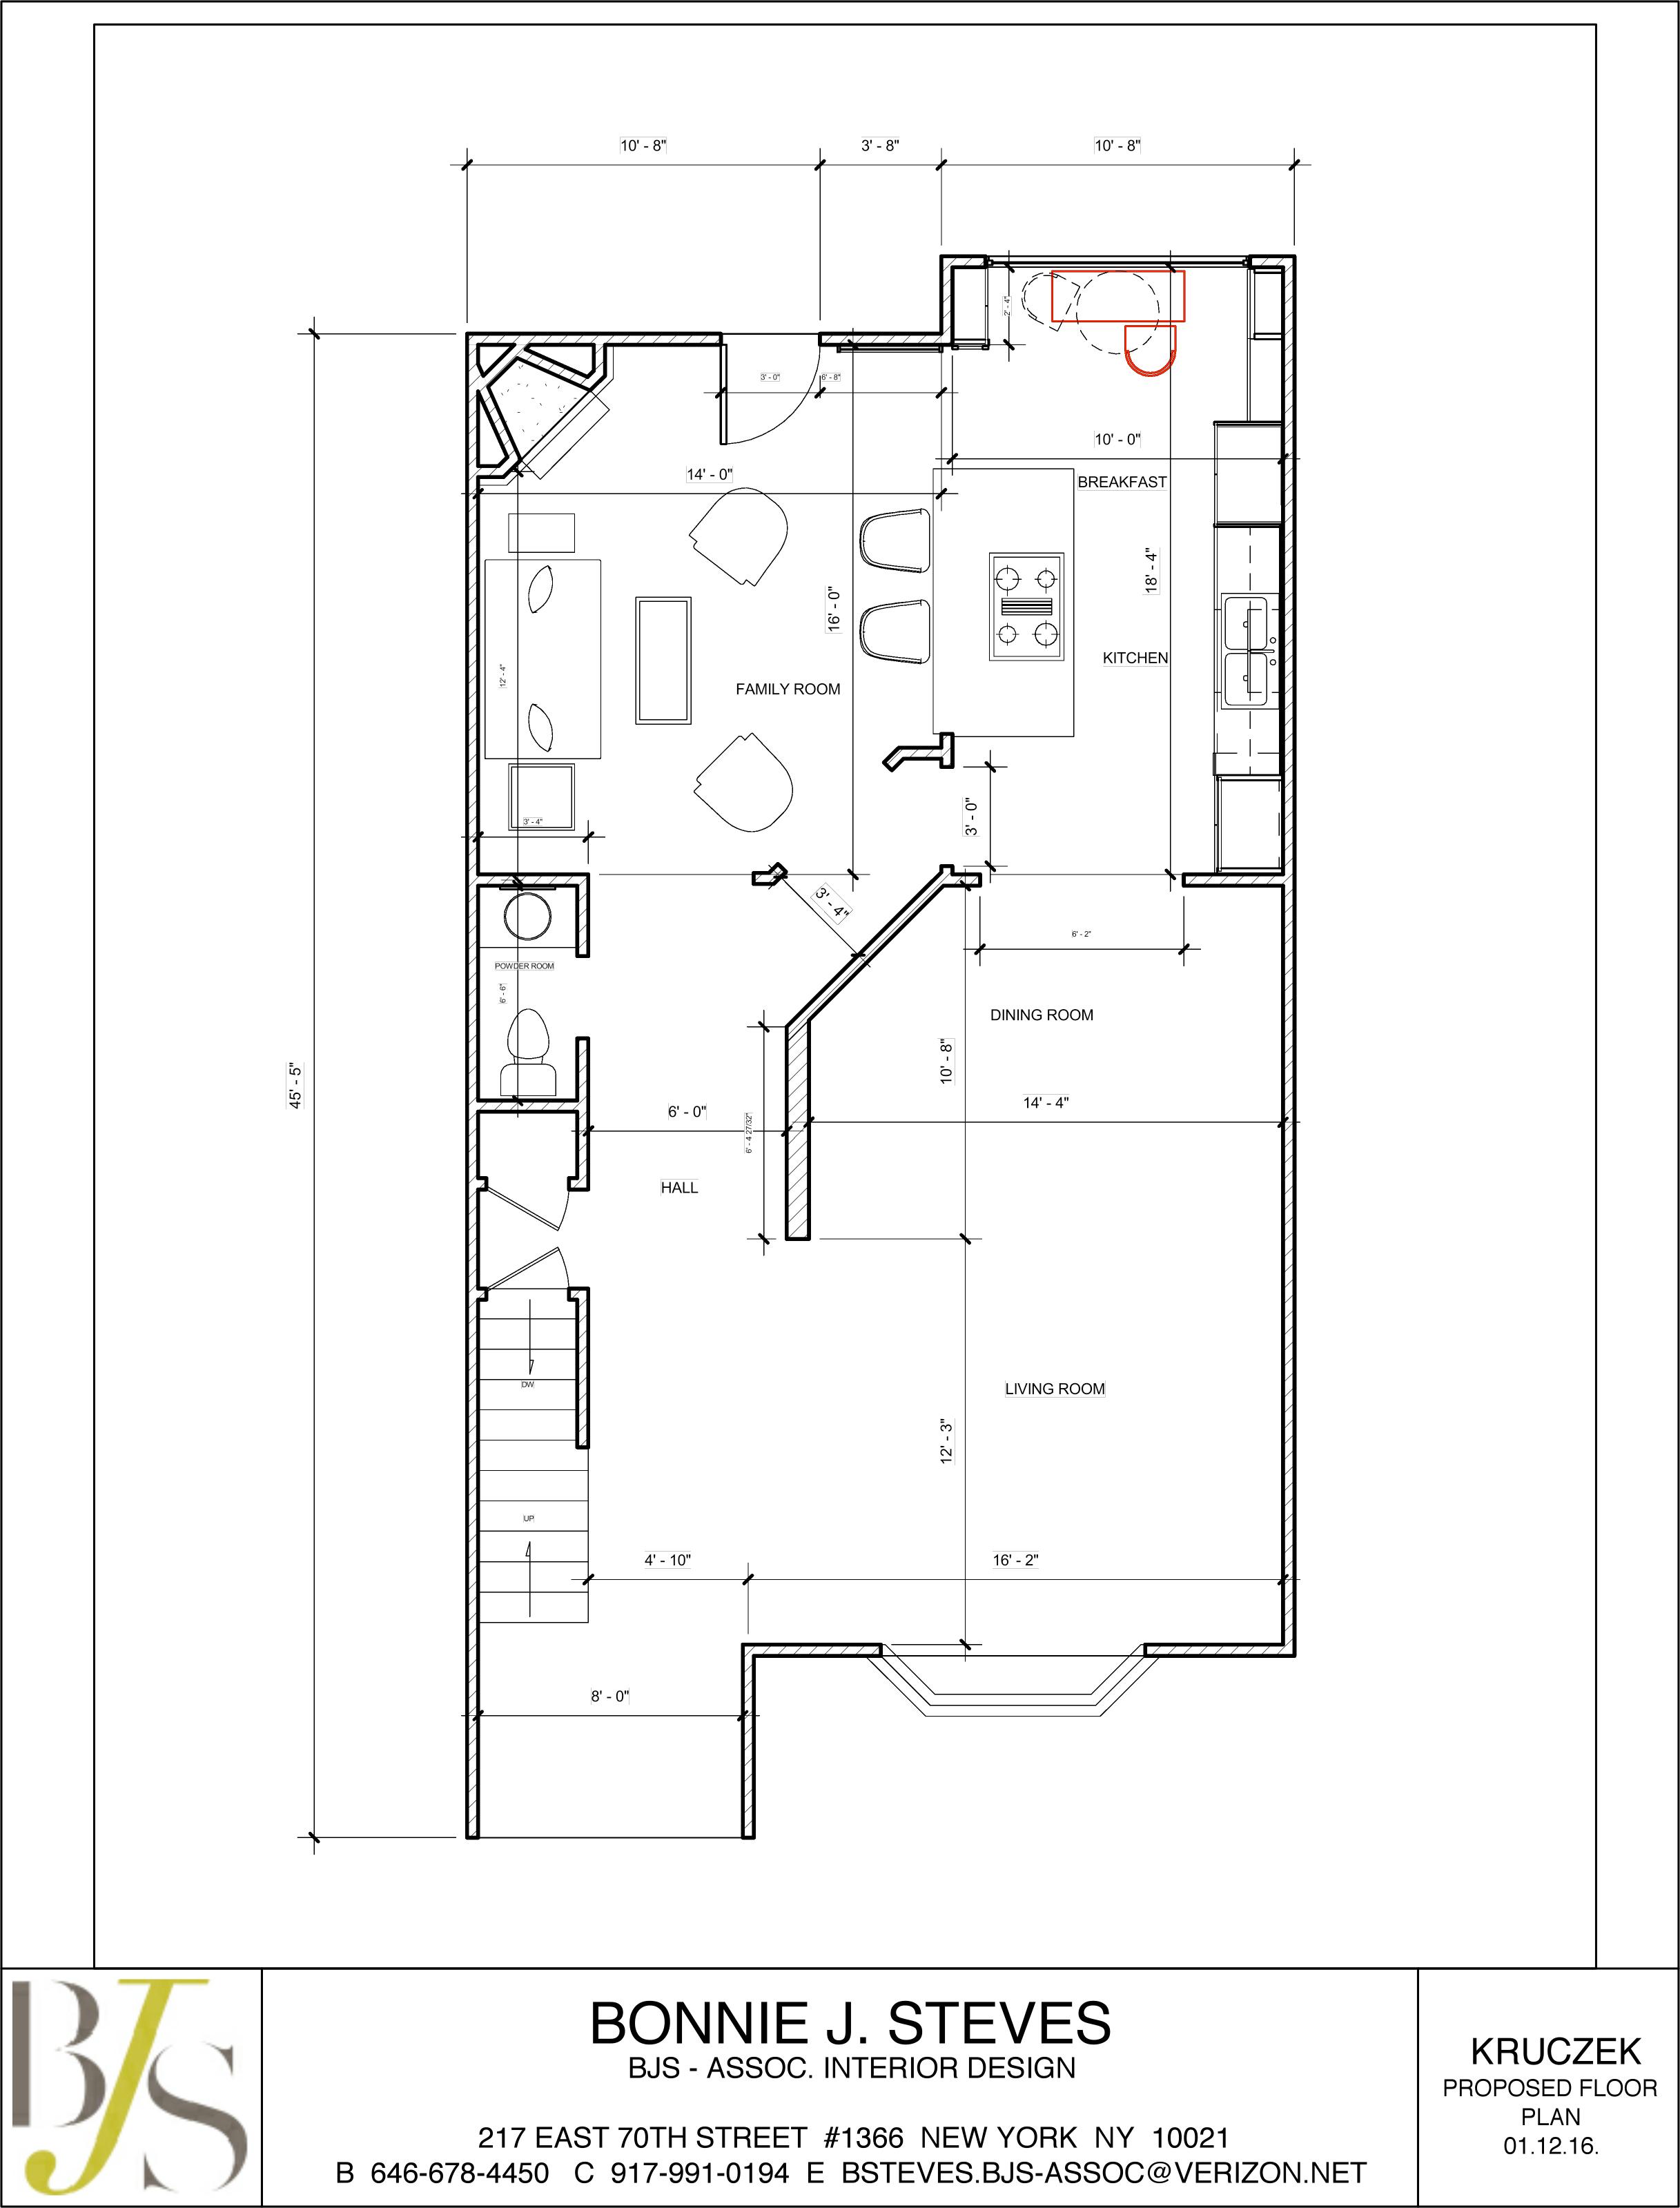 KRUCZEK-FLOOR PLAN-01.12.16.jpg